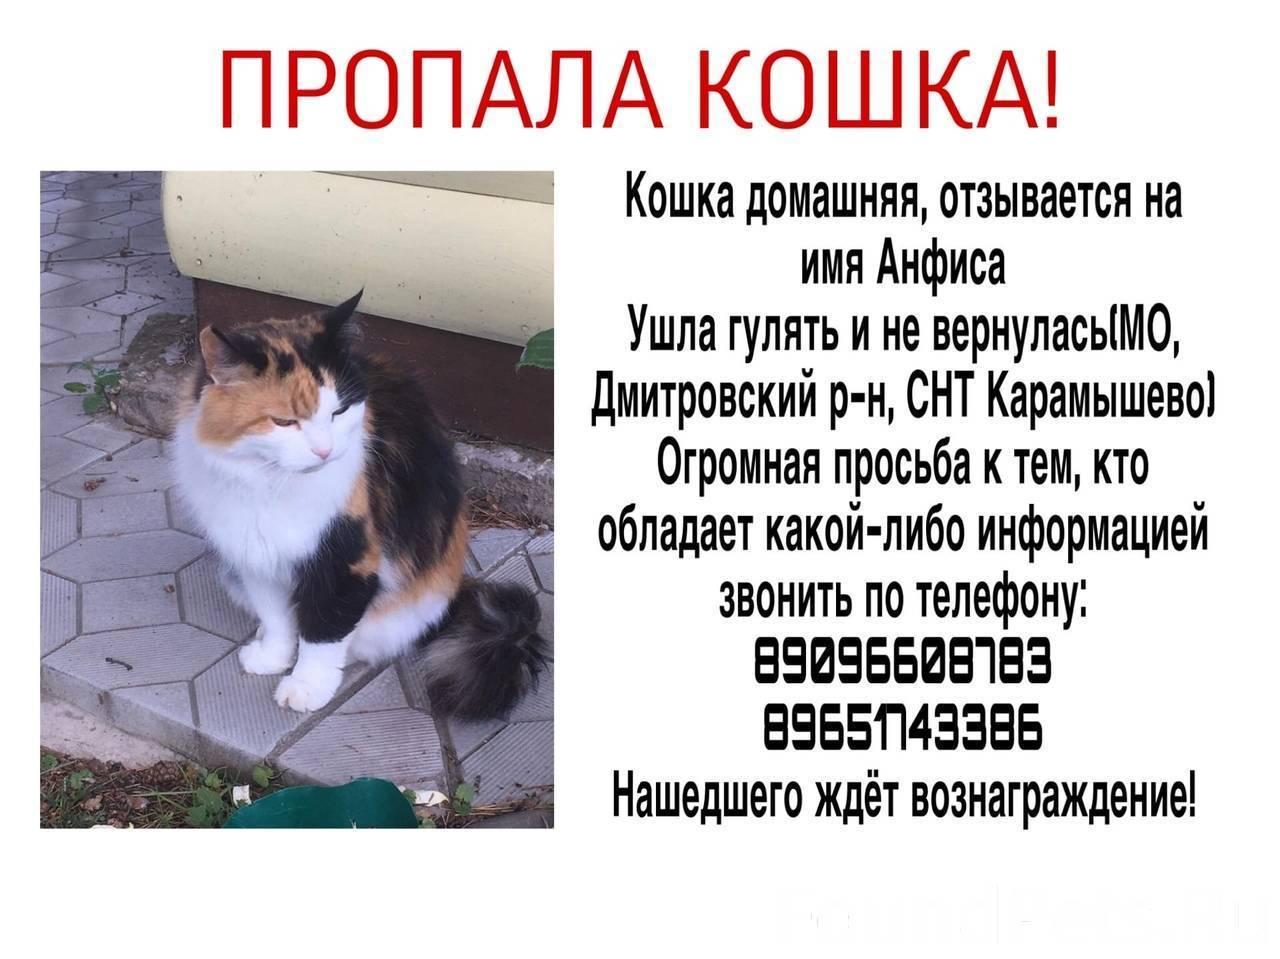 Потерялся кот или кошка: что делать? советы владельцам